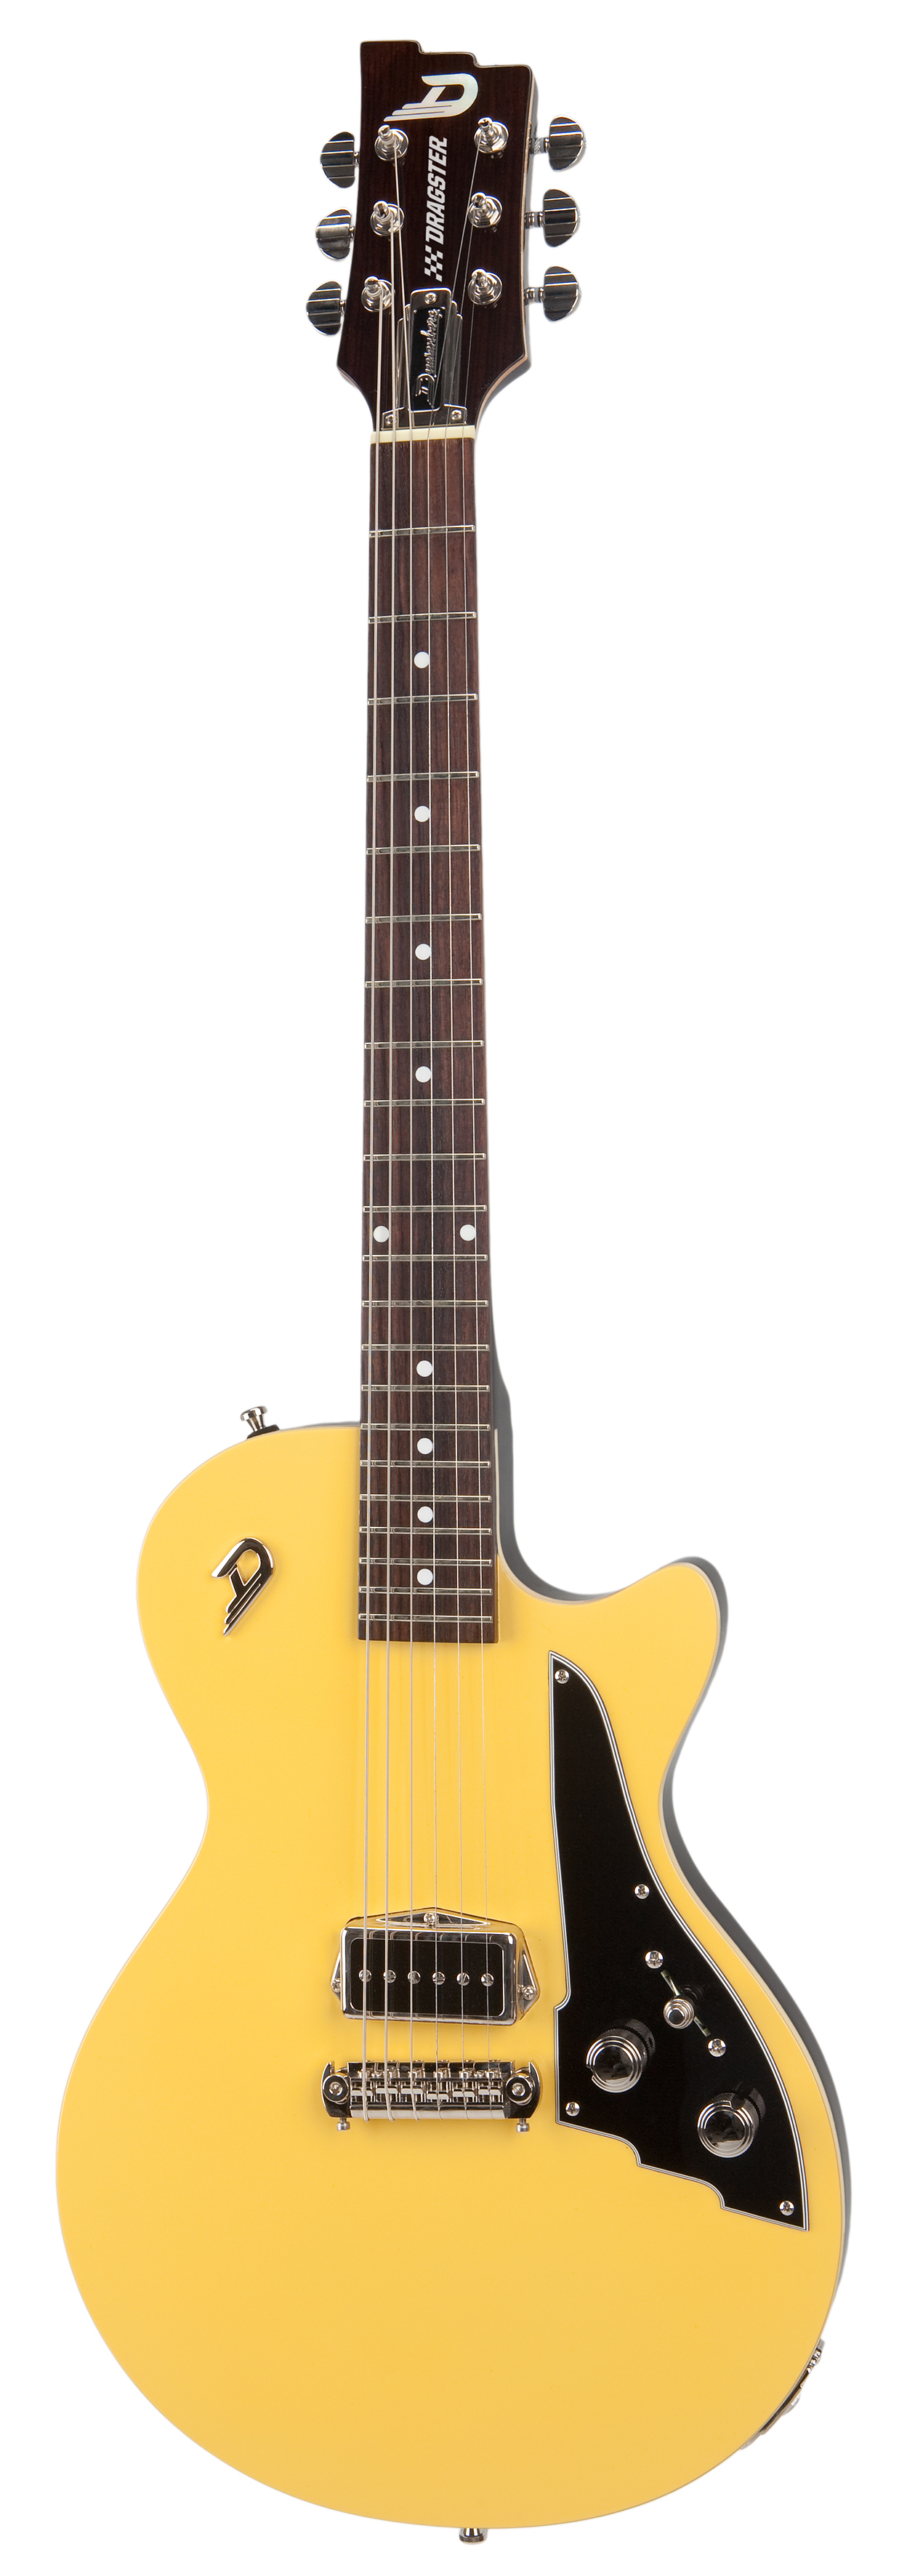 duesenberg dragster single cutaway vintage blonde 2016 blonde guitar for sale headbanger rare guitar. Black Bedroom Furniture Sets. Home Design Ideas